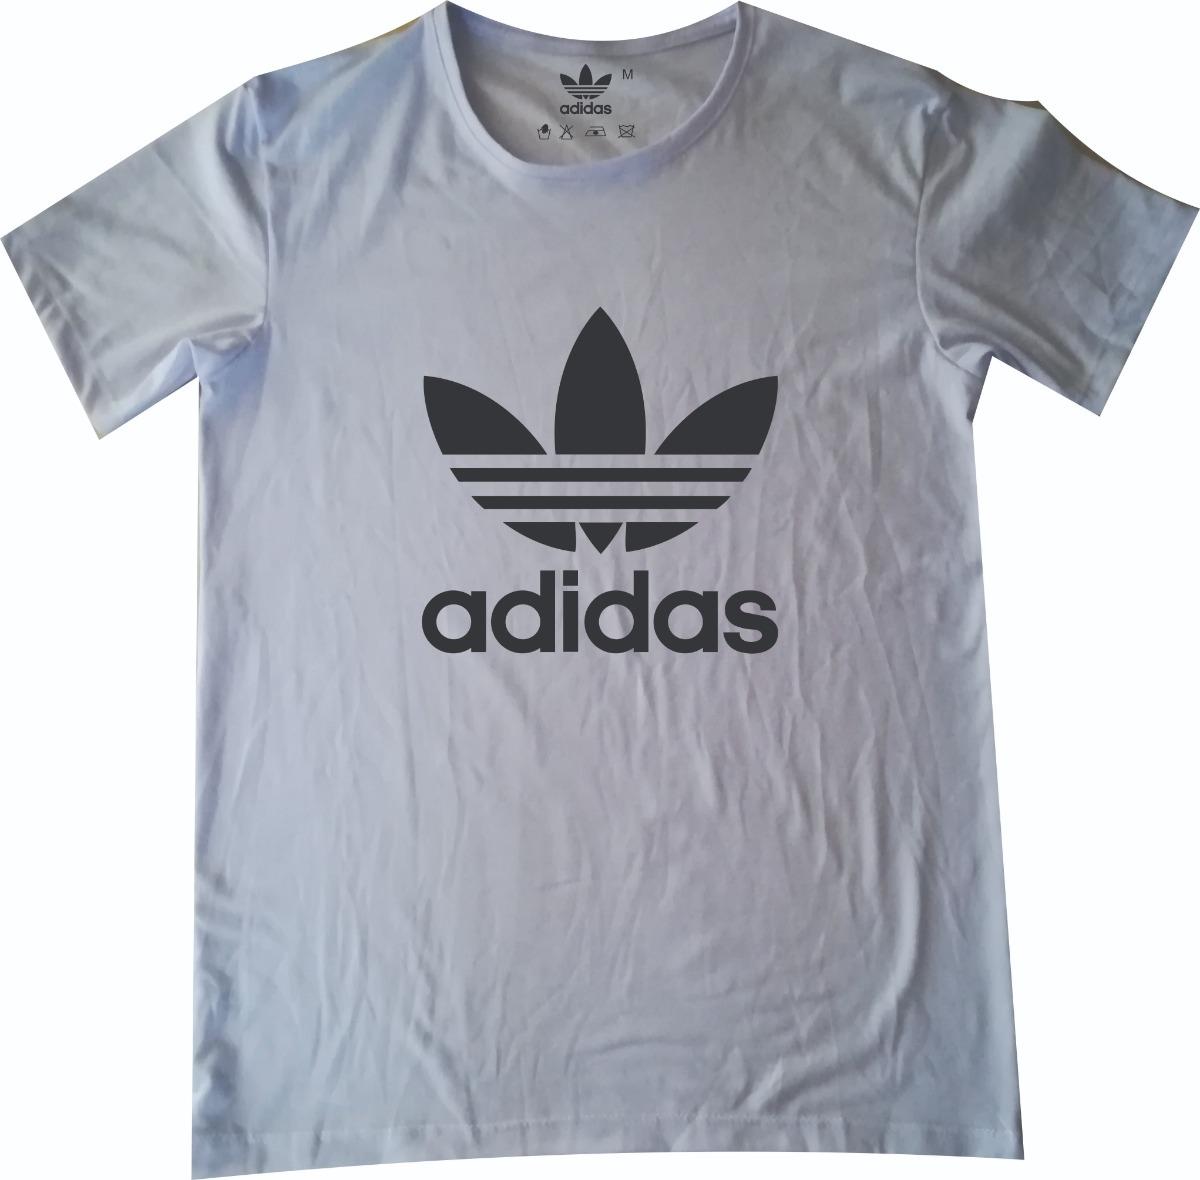 Camisetas Variadas Marcas Hombre Dama Y Niños -   35.000 en Mercado ... 46a7a231e7d